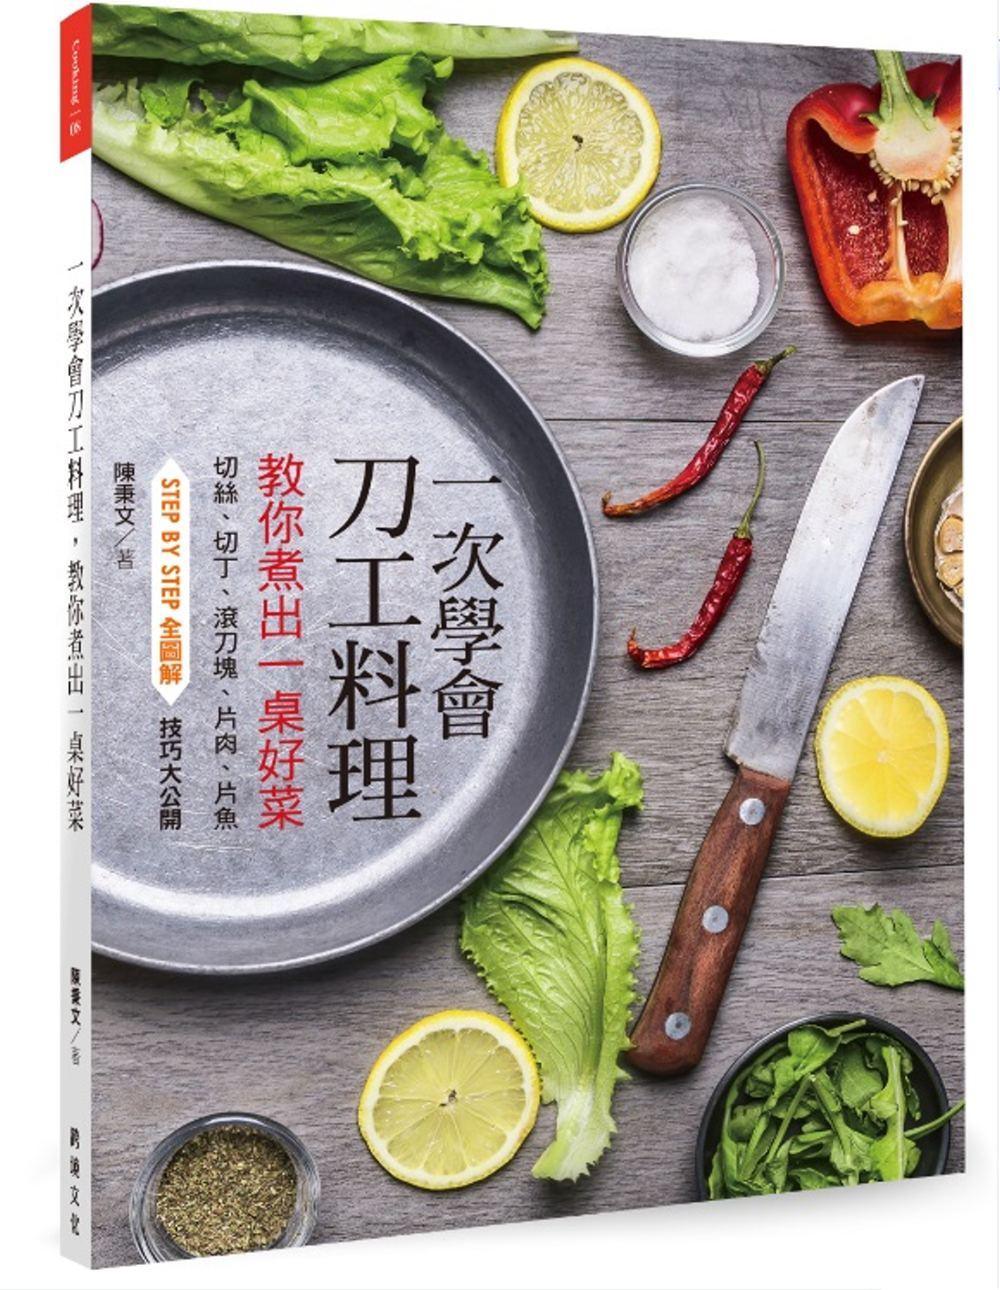 一次學會刀工料理,教你煮出一桌好菜:切絲、切丁、滾刀塊、片肉、片魚、果雕 STEP BY STEP全圖解 技巧大公開